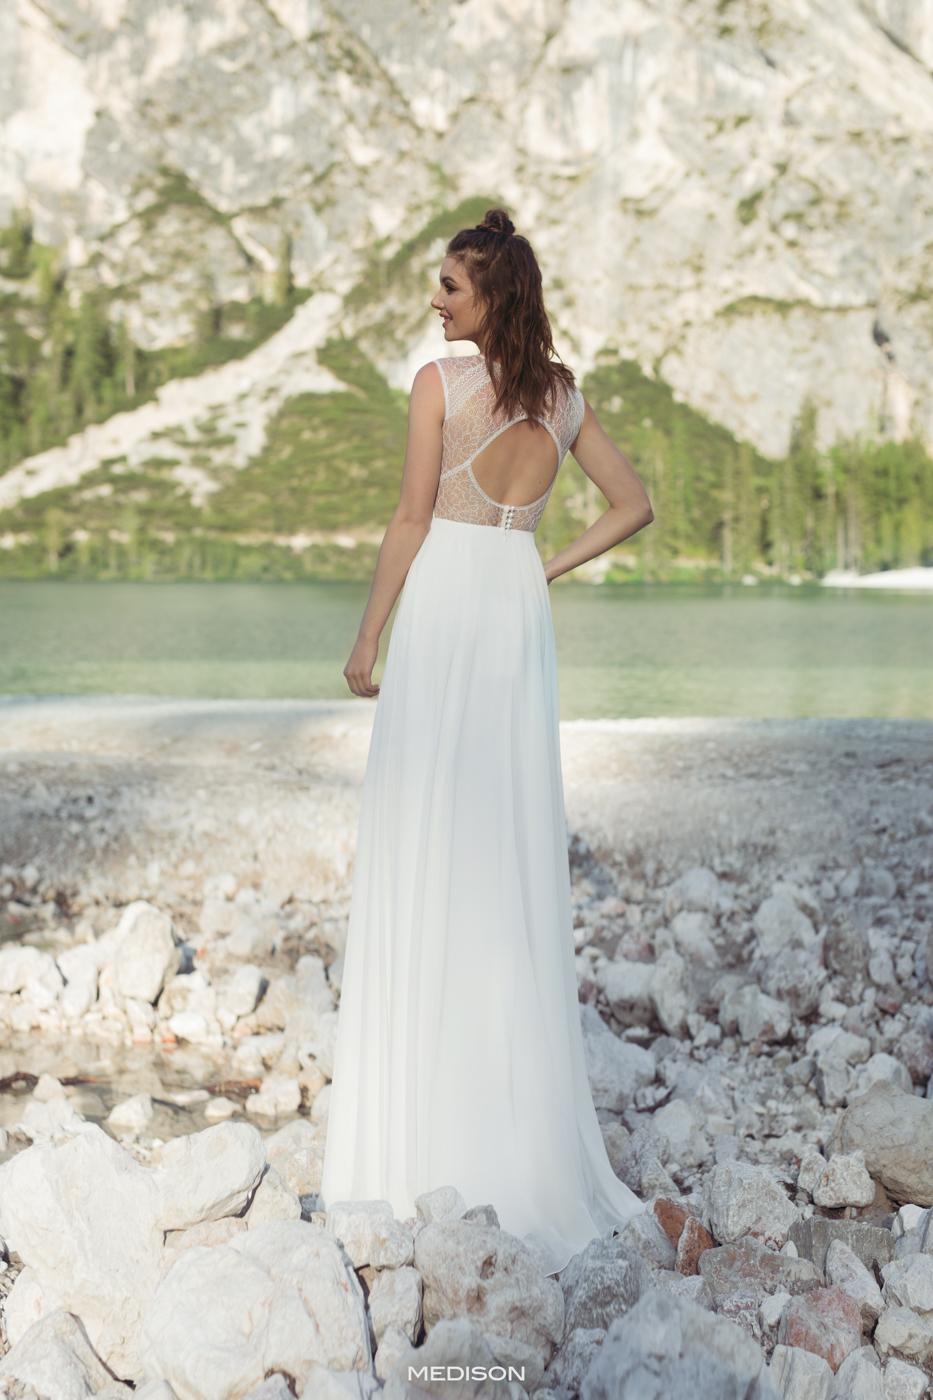 offener Rücken feine Spitze chiffon fließend Brautkleid bequem Baumwolle ohne Glitzer